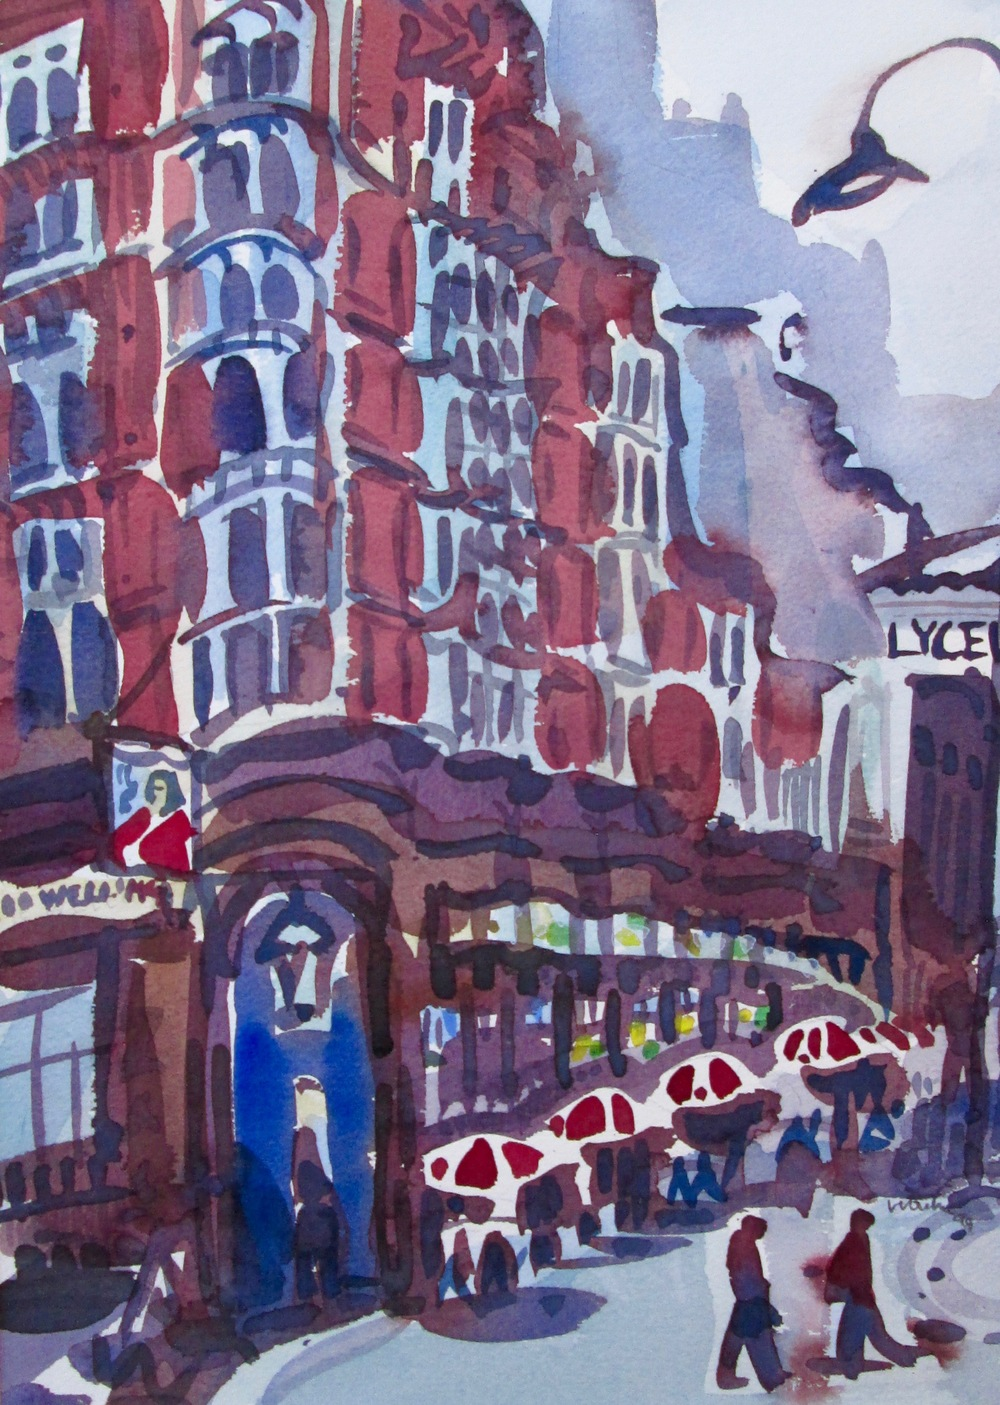 West End London